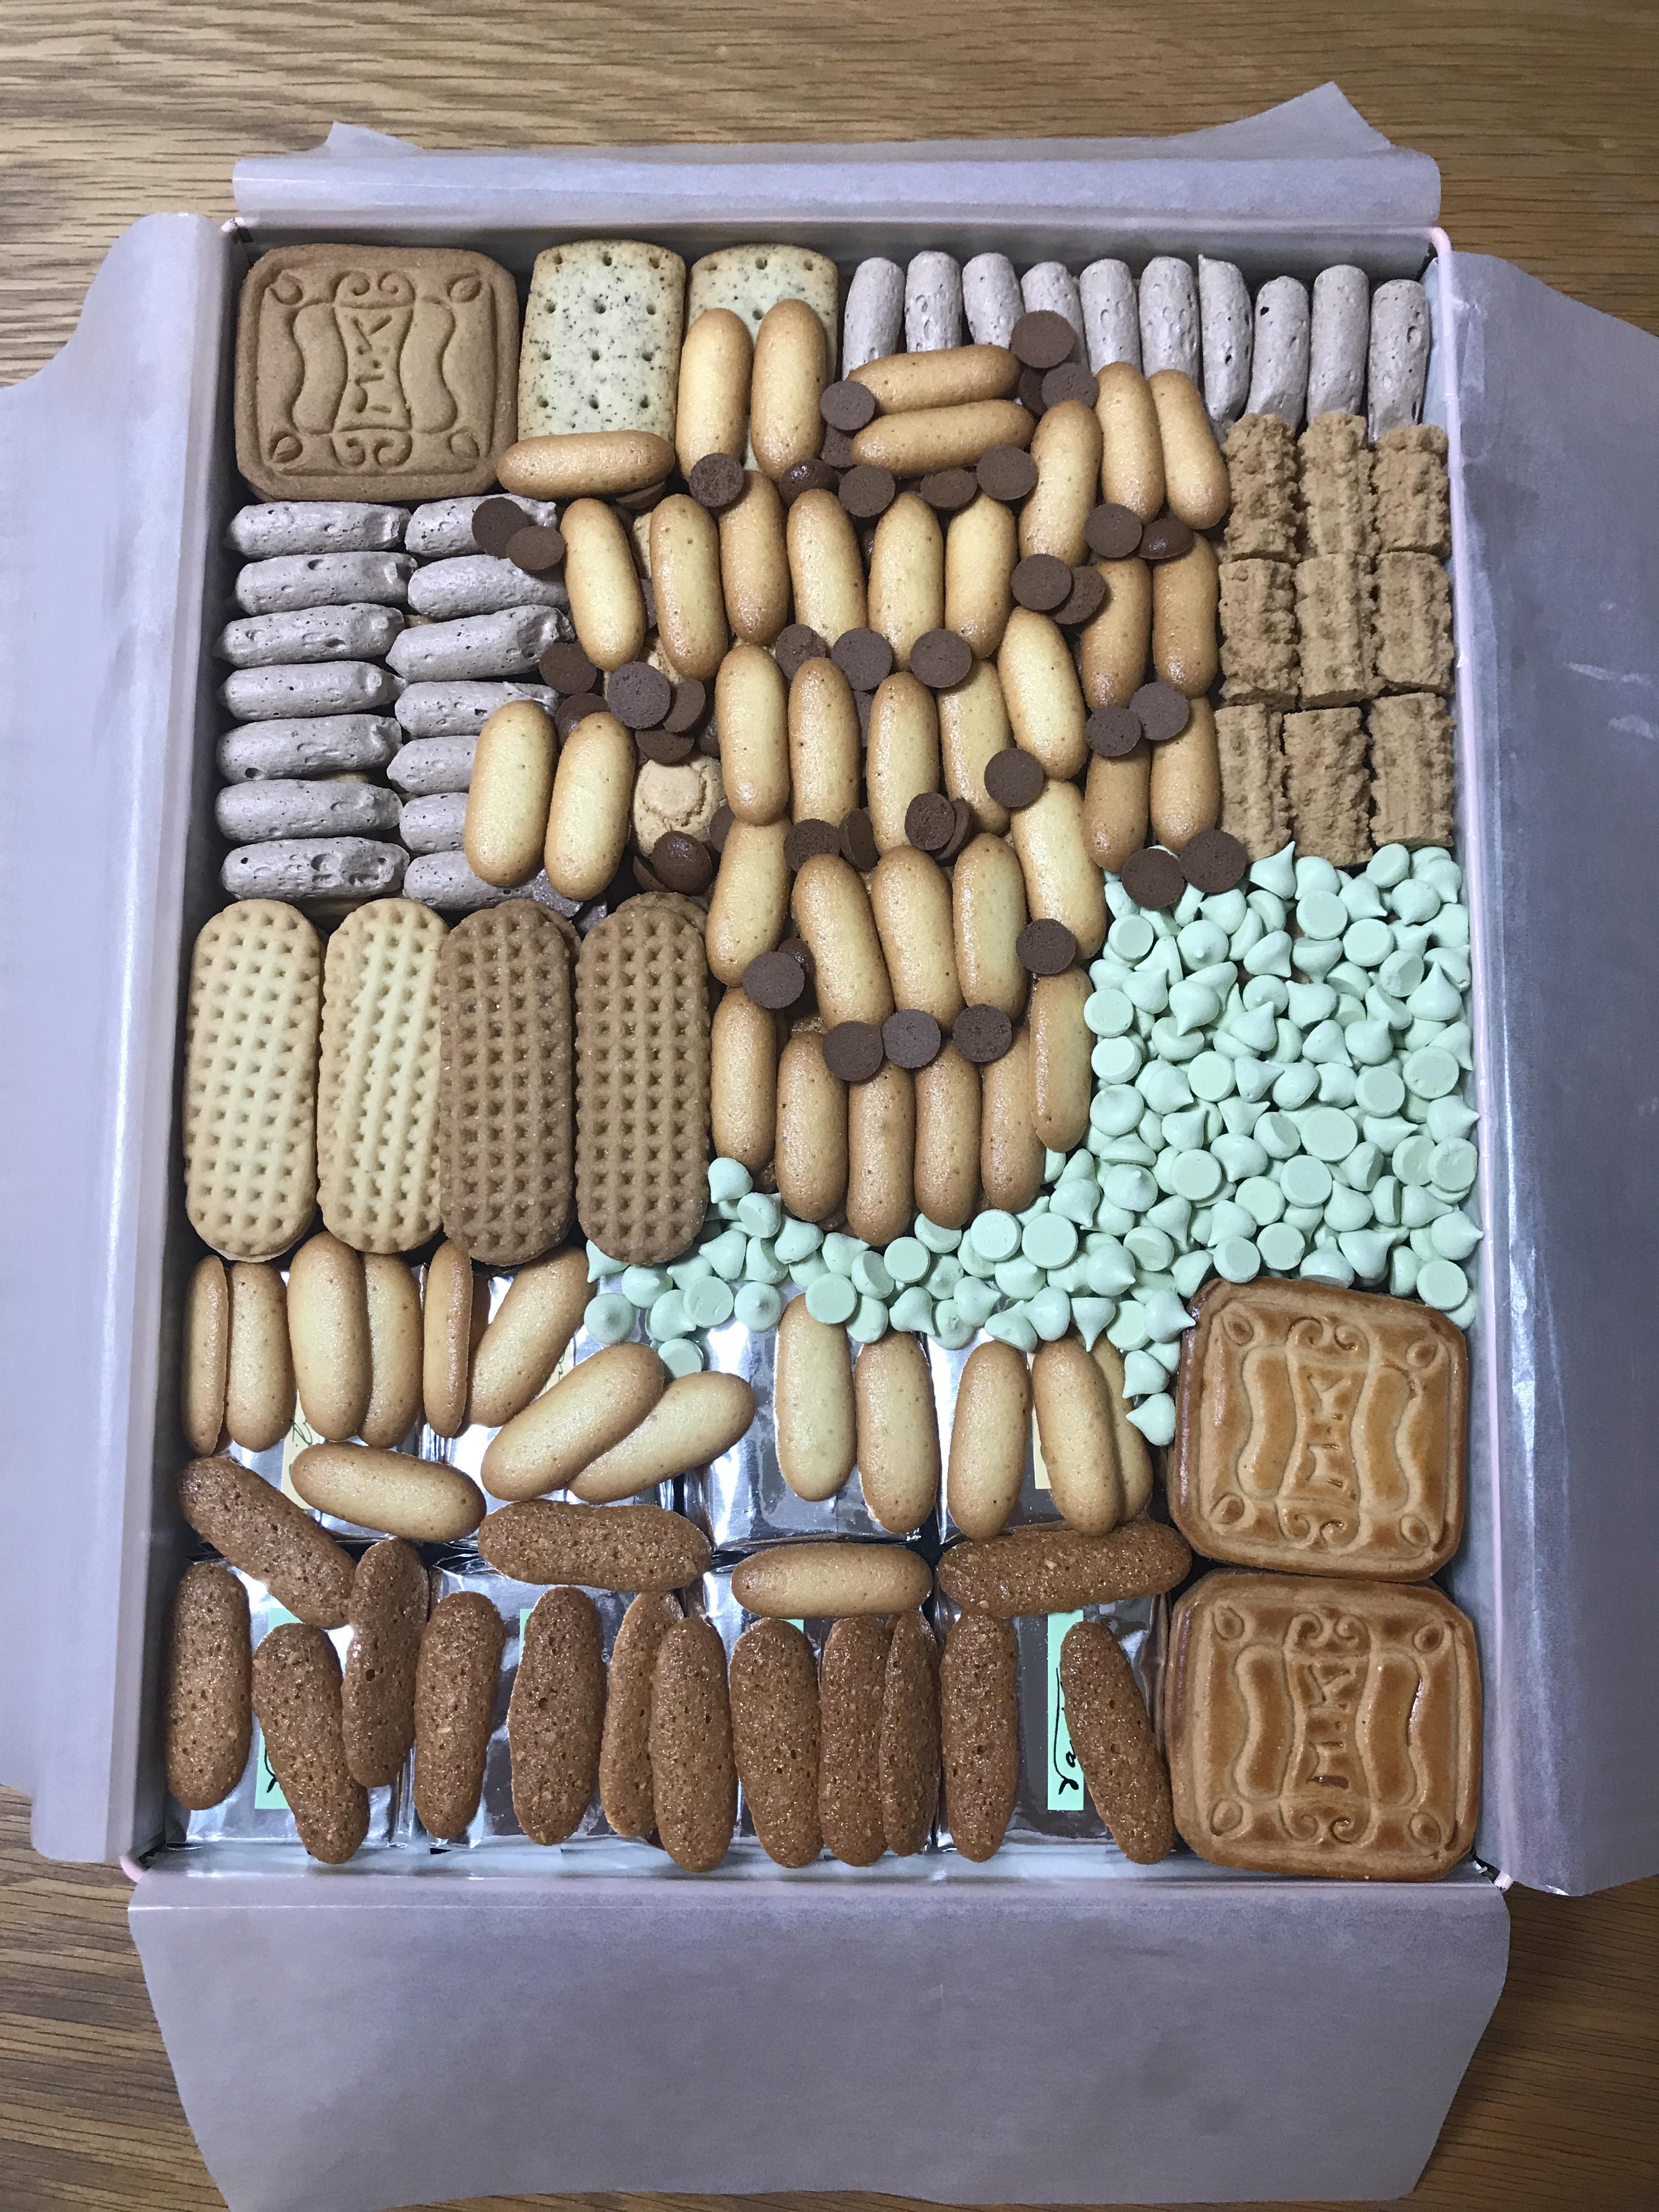 の クッキー 新堂 開 祇園祭限定お菓子その1「村上開新堂のクッキーミックス袋」